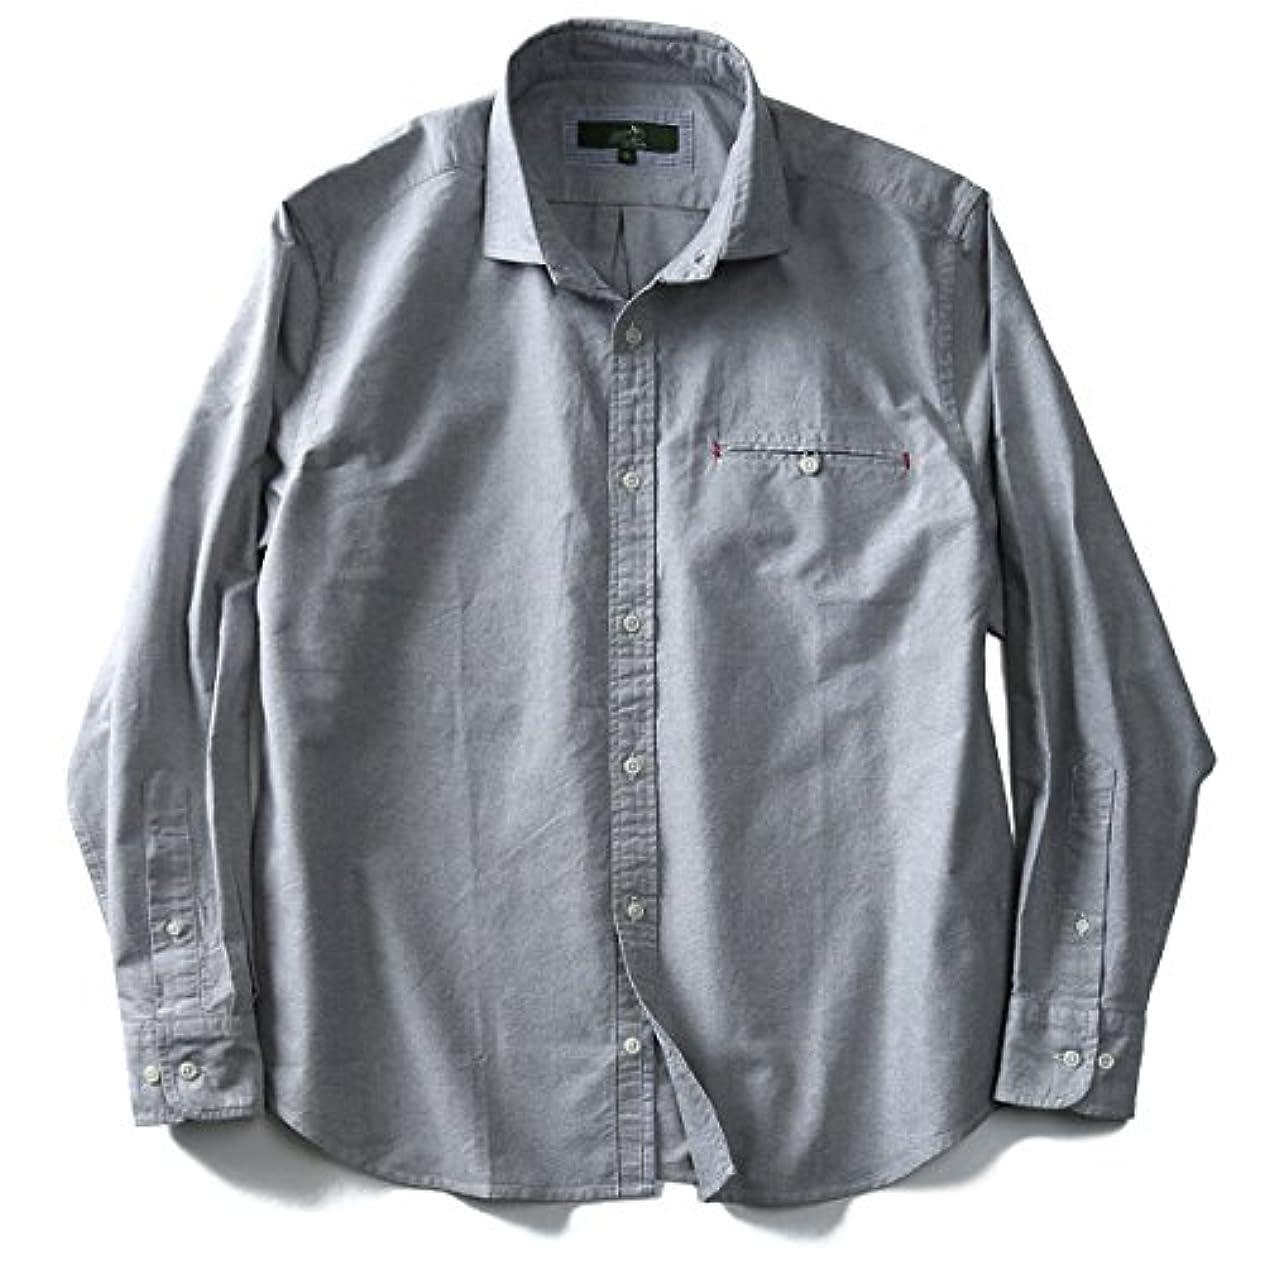 慣れる東ティモール圧力メンズ 長袖シャツ Bowerbirds Works ワイドカラーオックスフォードシャツ 大きいサイズ 全4色 2L~6L